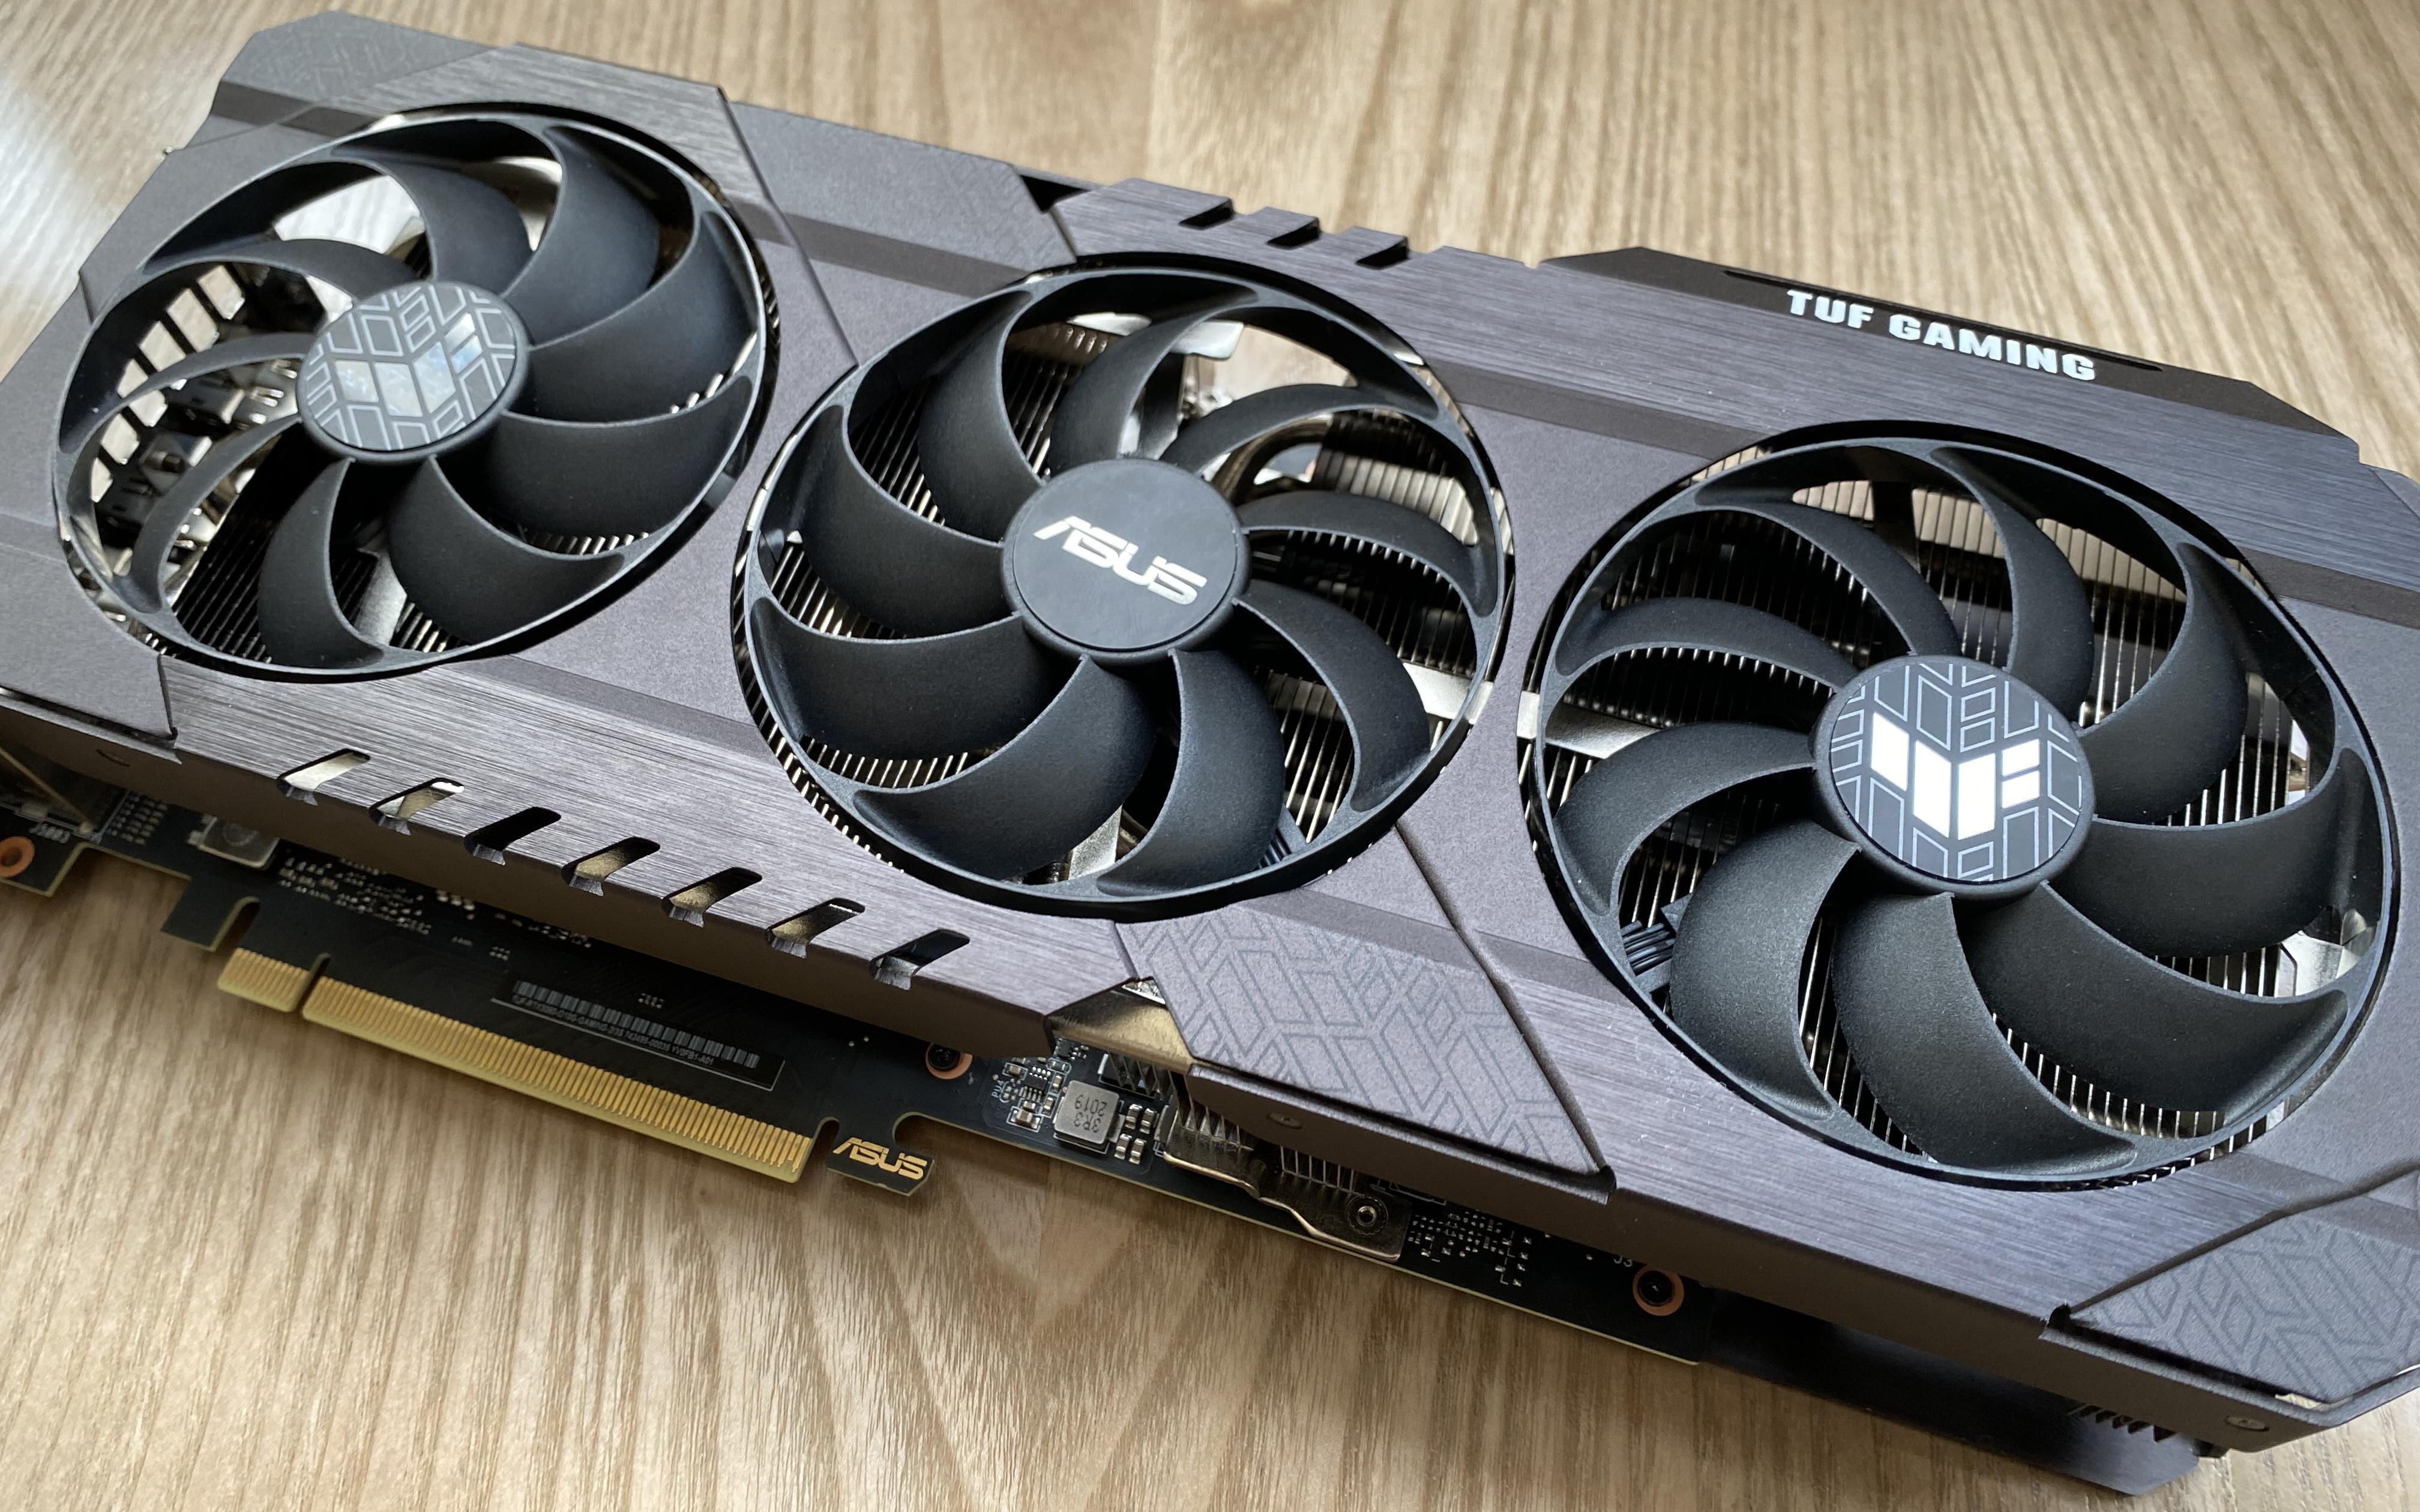 Đánh giá nhanh ASUS TUF Gaming RTX 3080 OC: mạnh, mát, giá hợp lý, hướng tới chơi game 4K